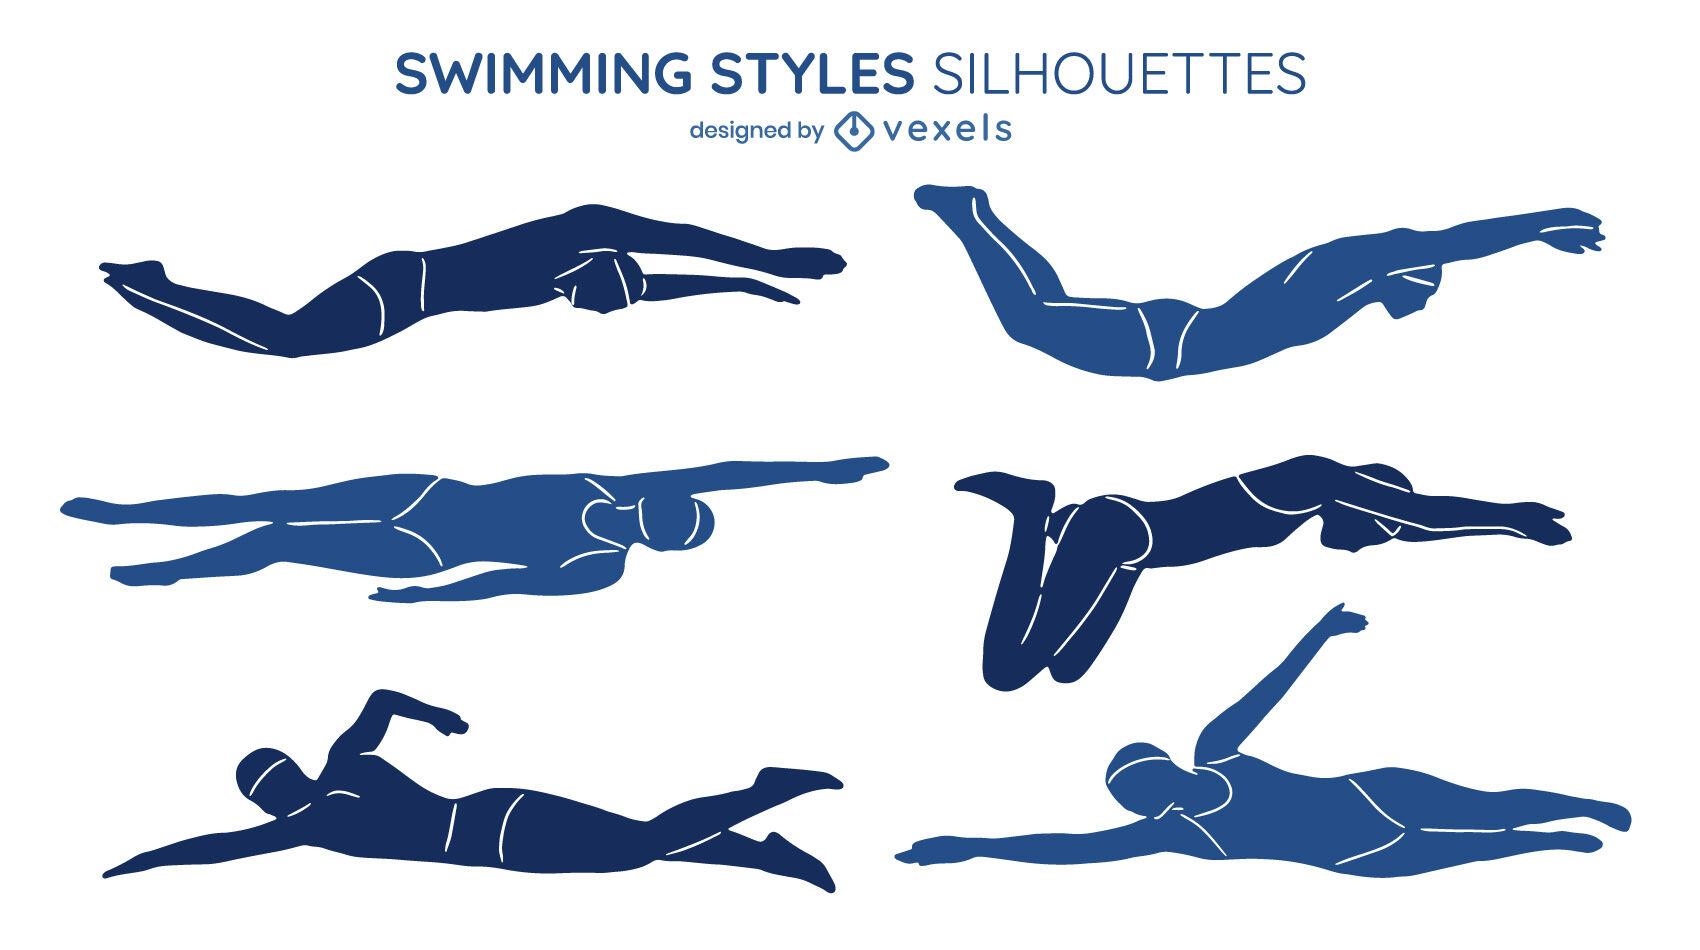 Conjunto de ilustrações de estilos de natação recortadas